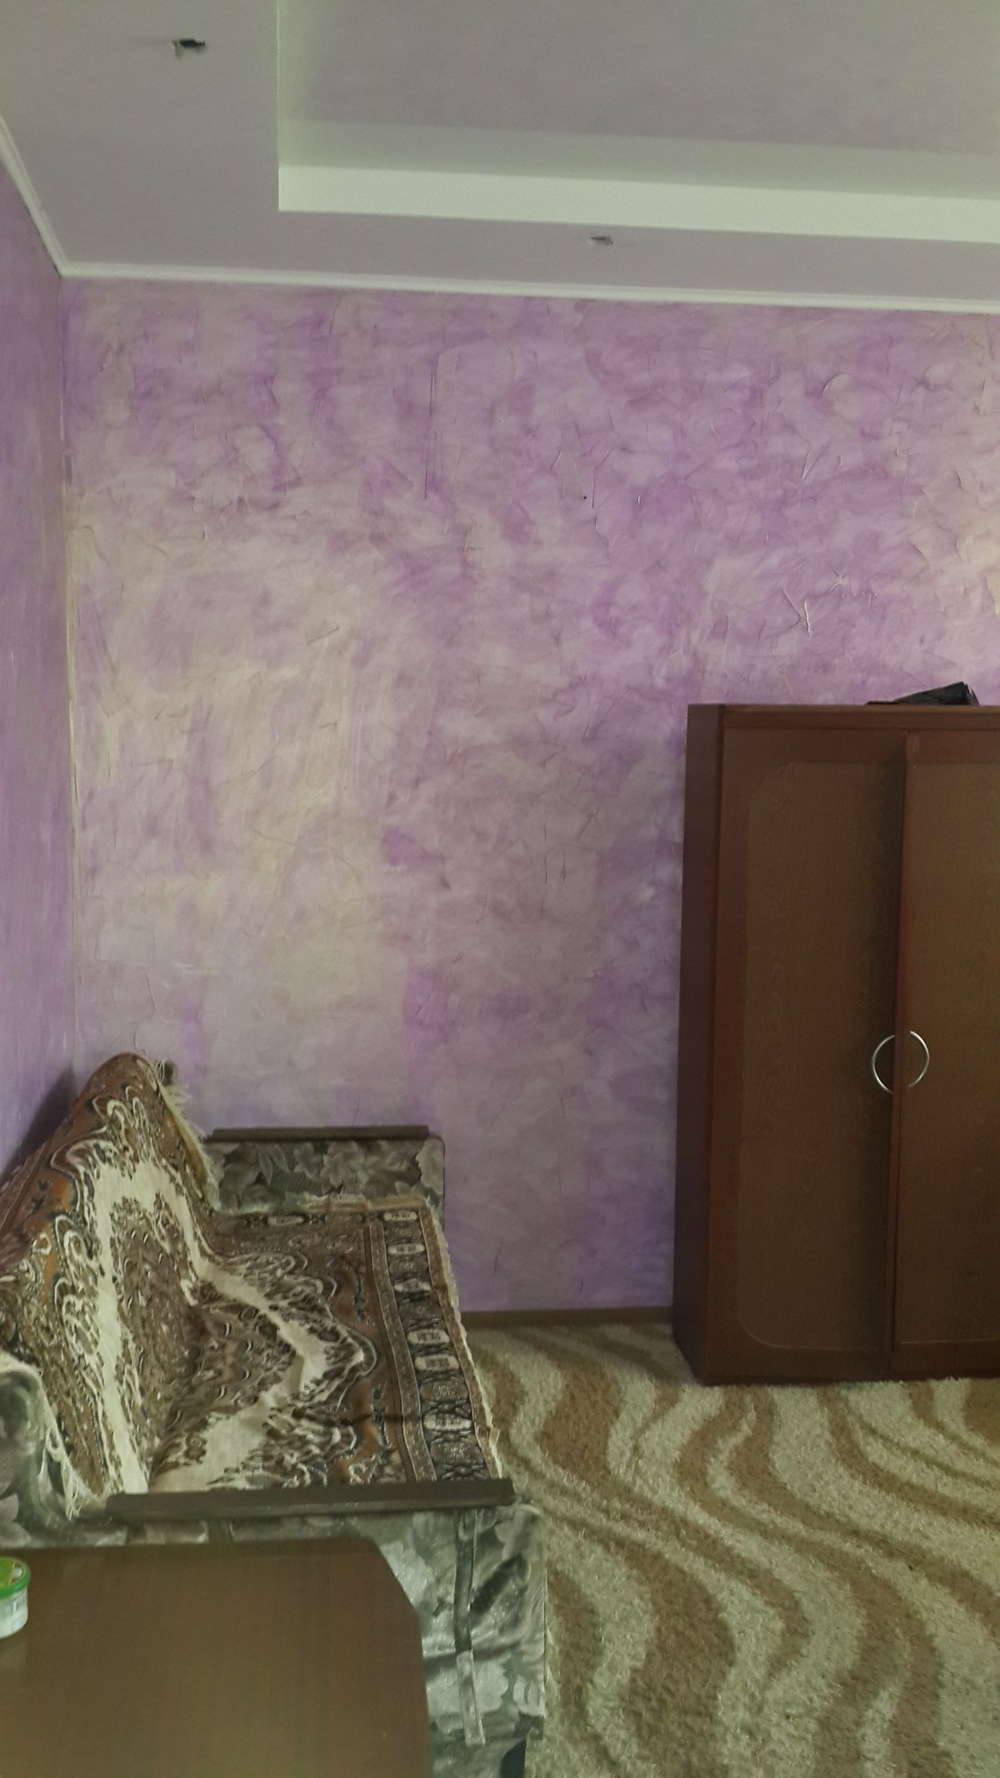 Удмуртская Республика, городской округ Удмуртия, Ижевск, пл. 50-летия Октября, 8